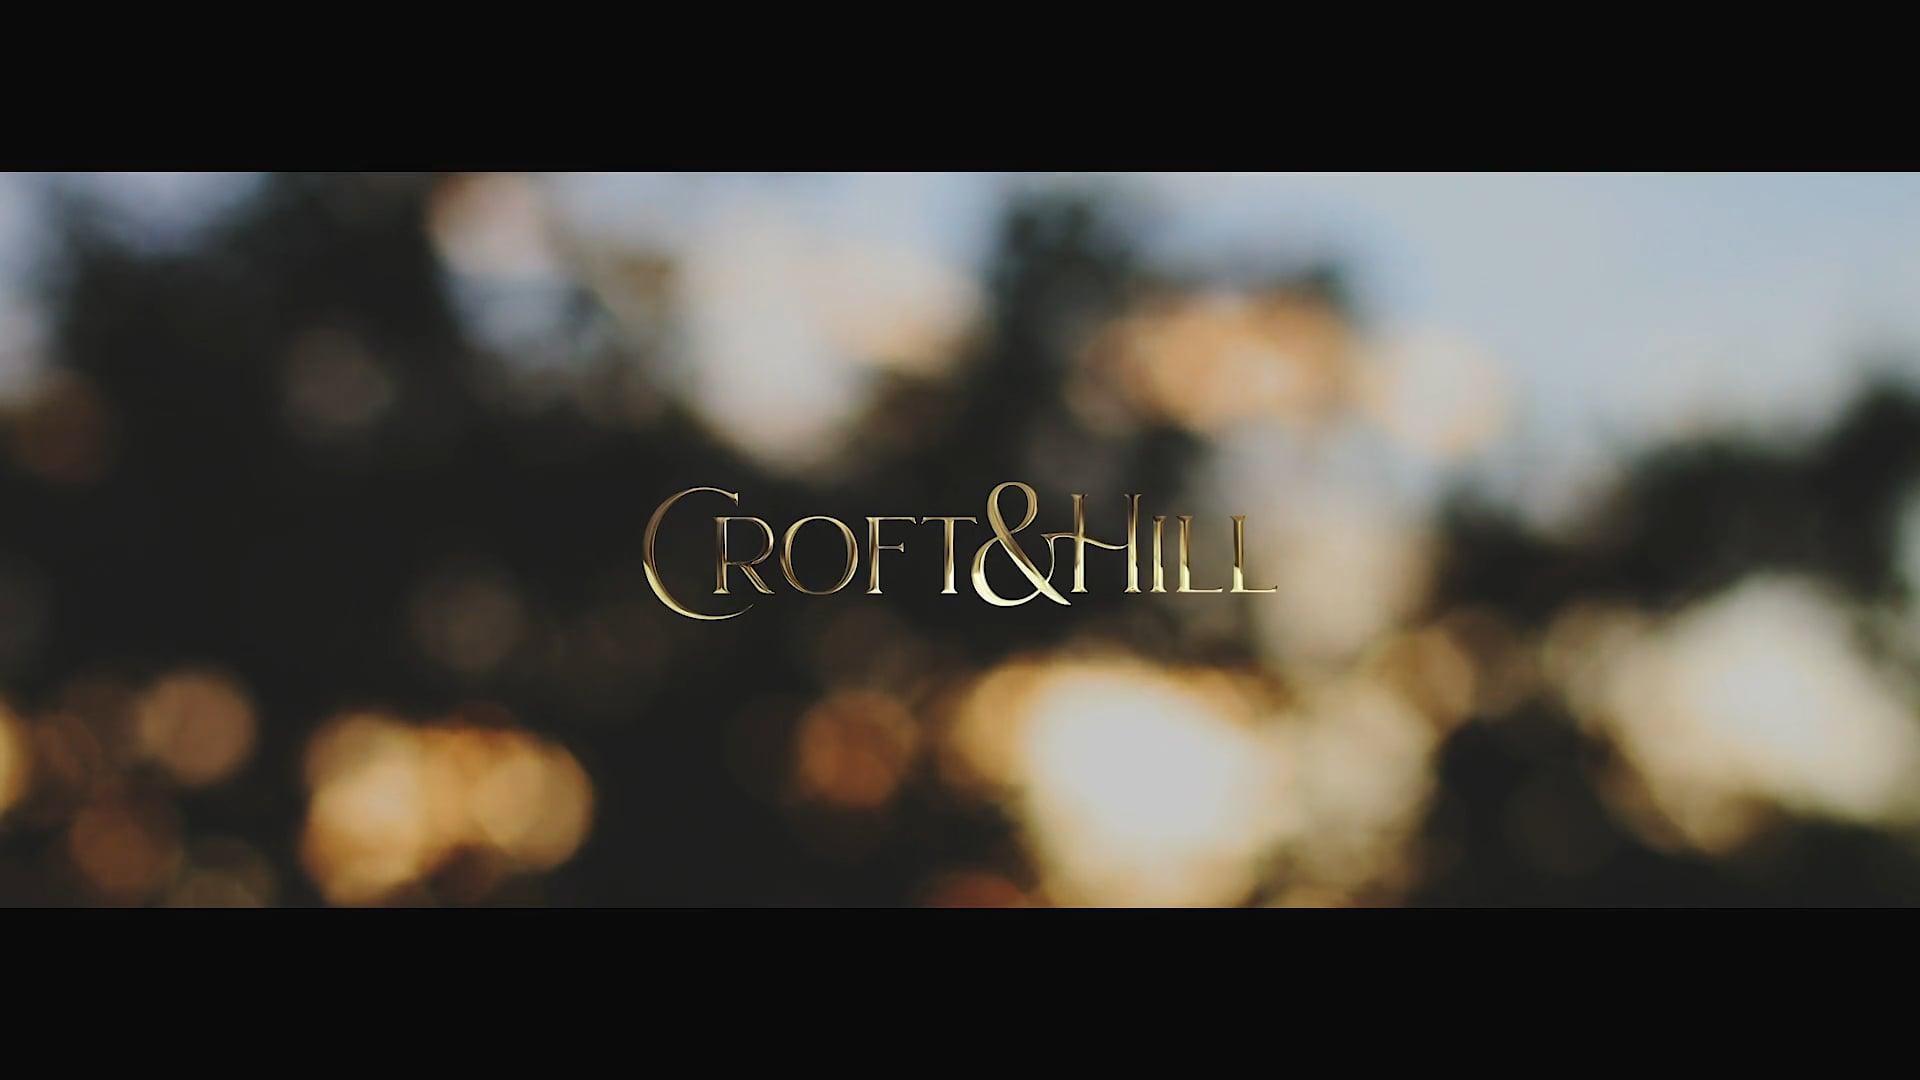 Croft & Hill